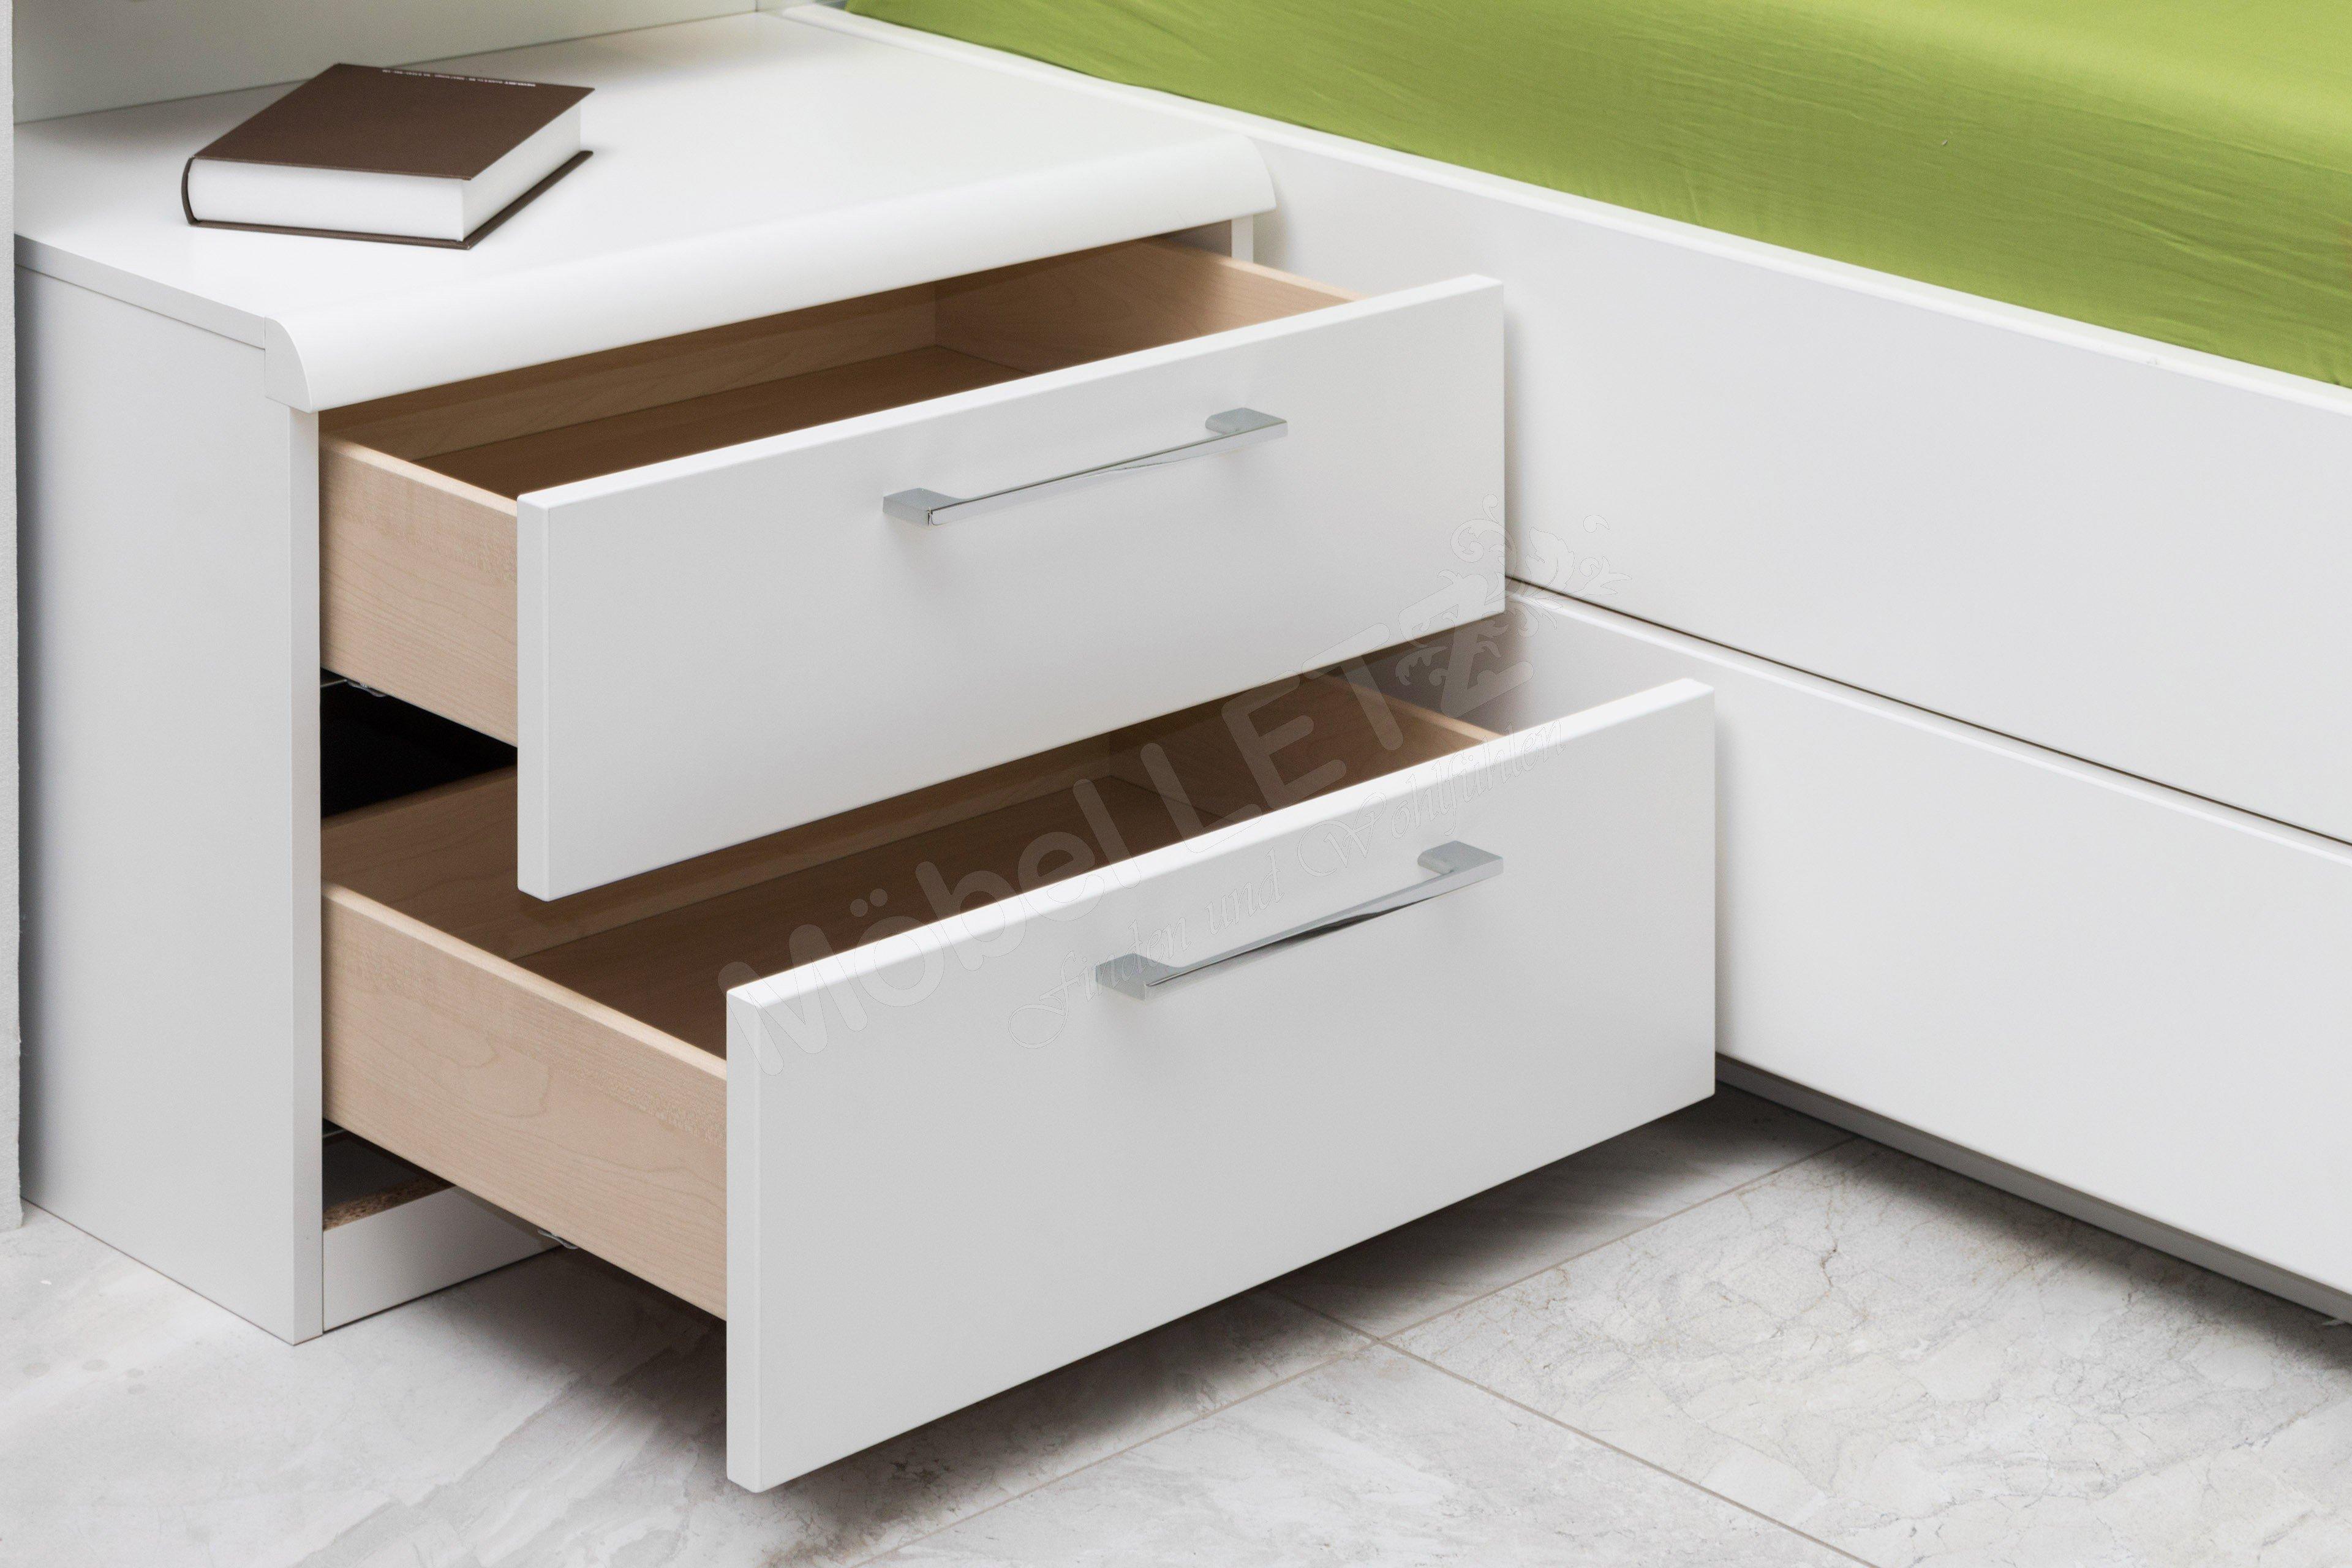 boxspringbett mann mobilia mann mobilia betten die feinste sammlung von home design zeichnungen. Black Bedroom Furniture Sets. Home Design Ideas